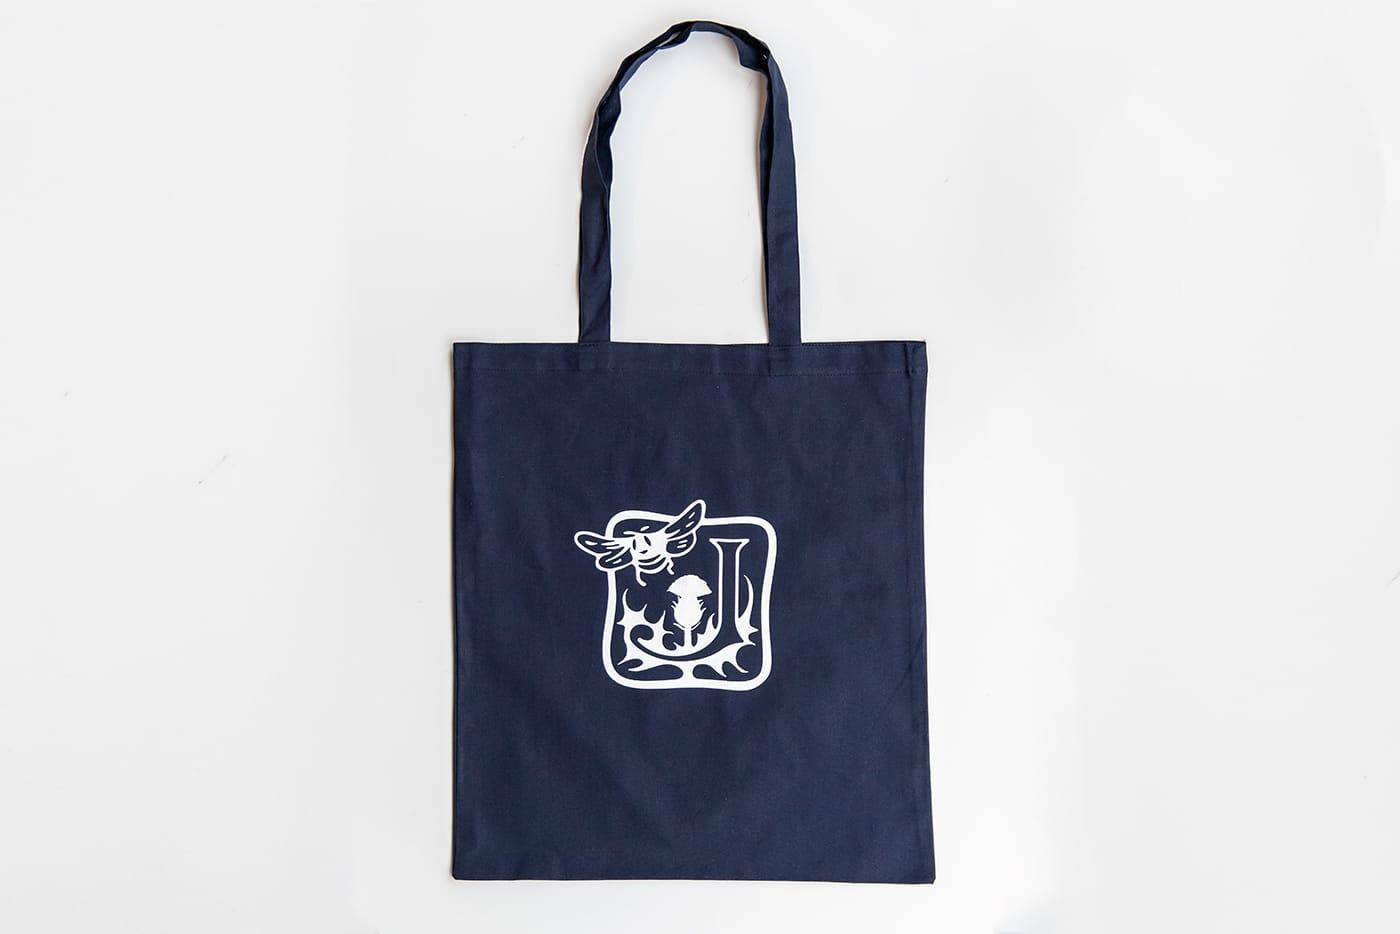 ジョンストンズ ロゴ入りトートバッグをプレゼント中